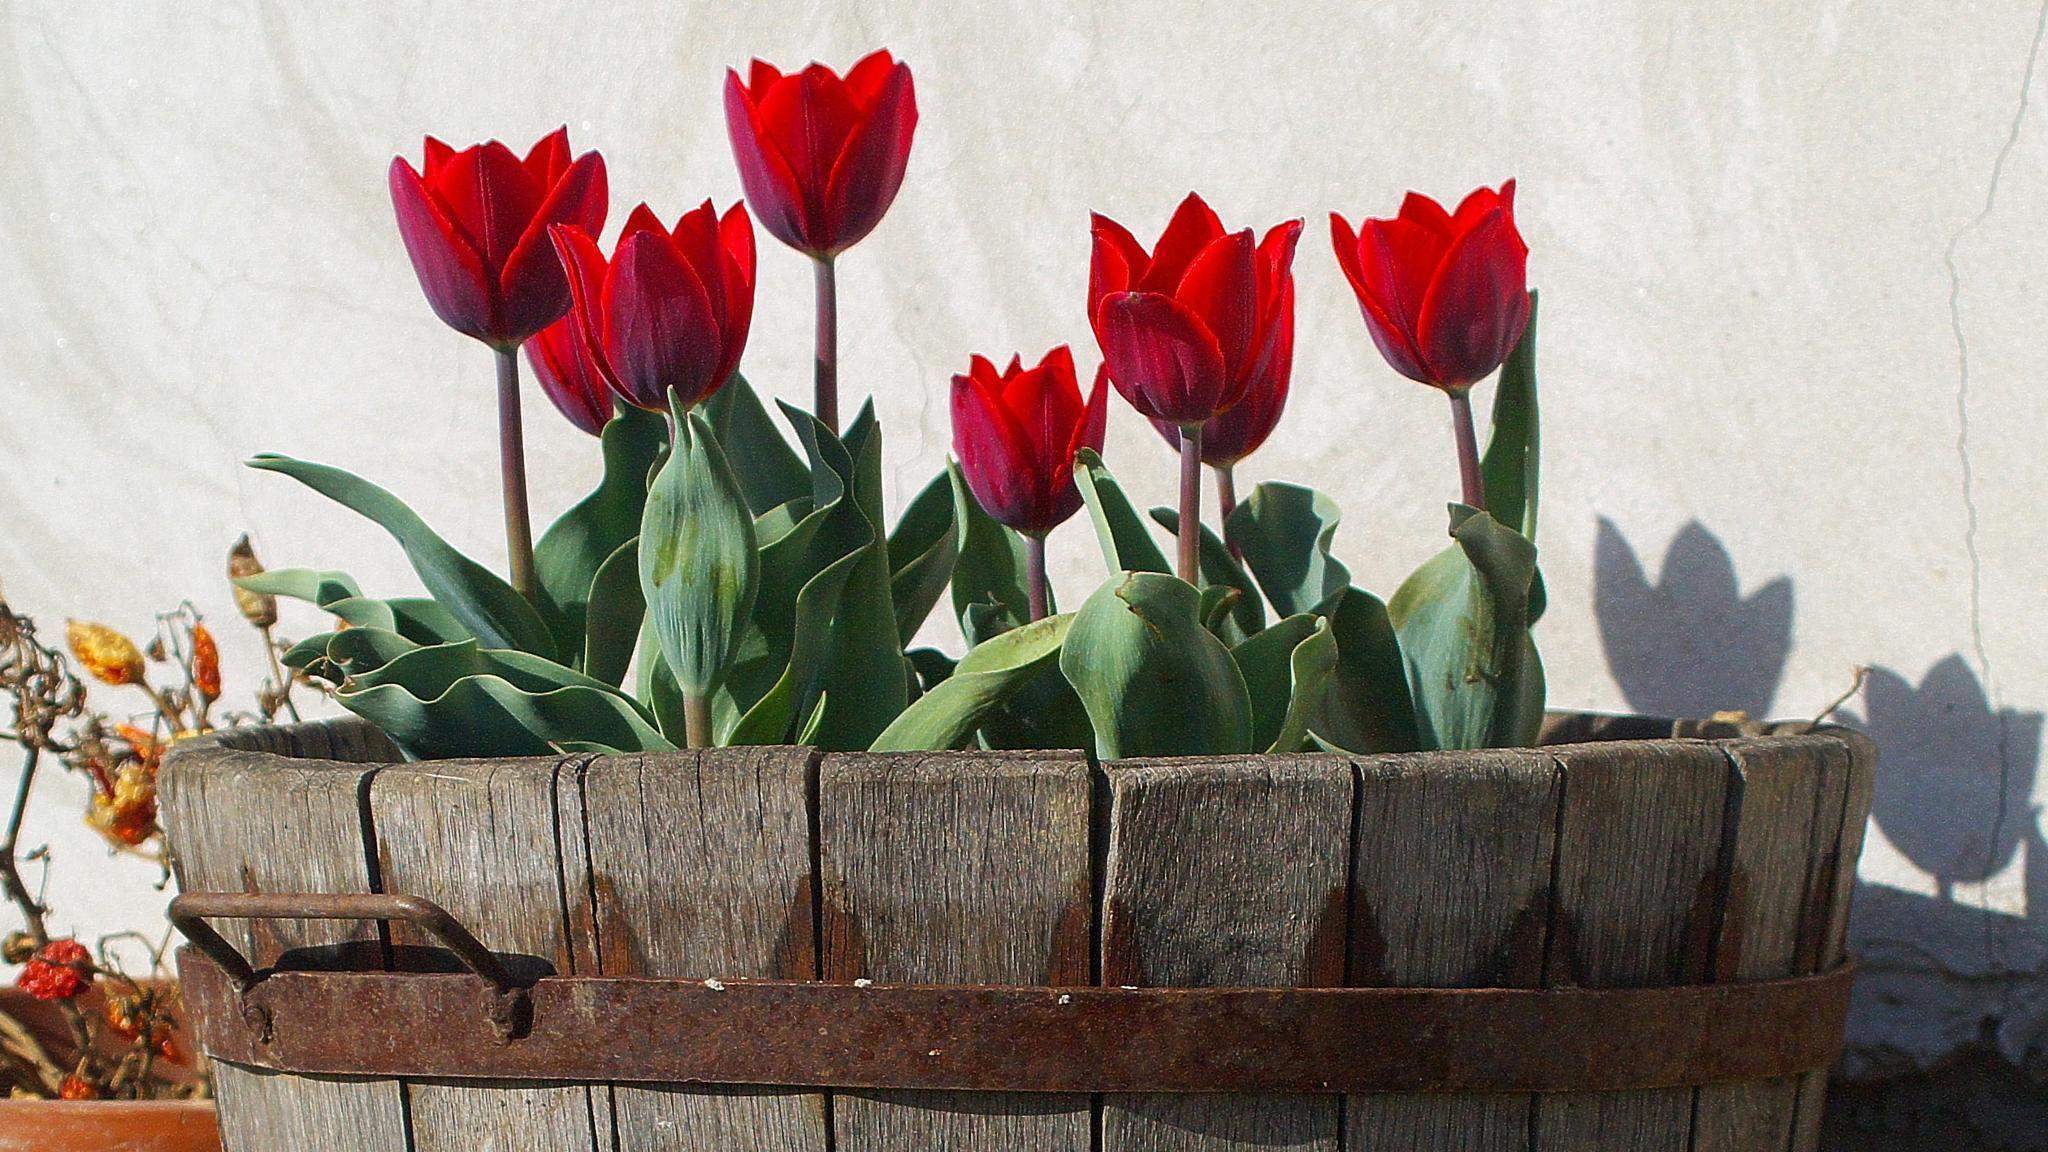 Tulips by Kenéz Imre